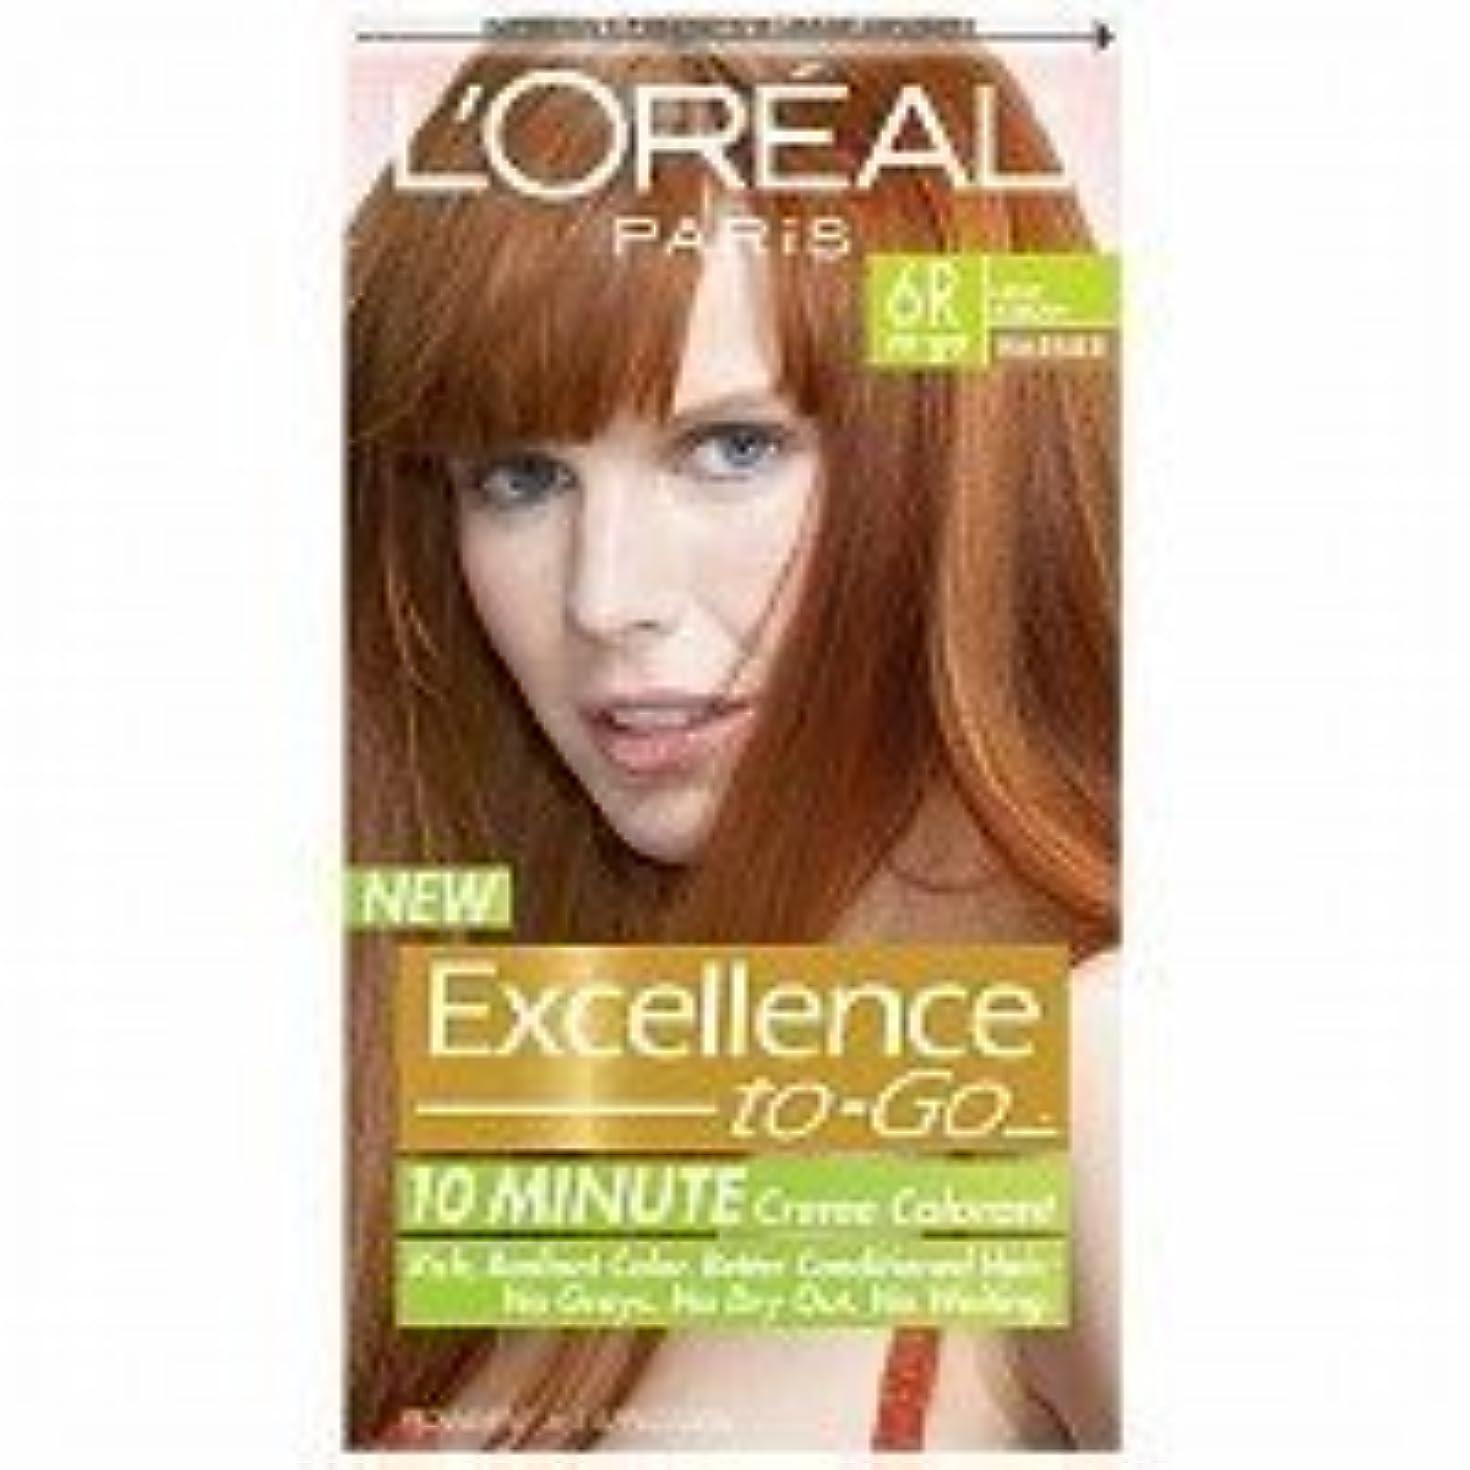 繕うのれん緊張するL'Oreal Paris Excellence To-Go 10-Minute Cr?N?Nme Coloring, Light Auburn 6R by L'Oreal Paris Hair Color [並行輸入品]